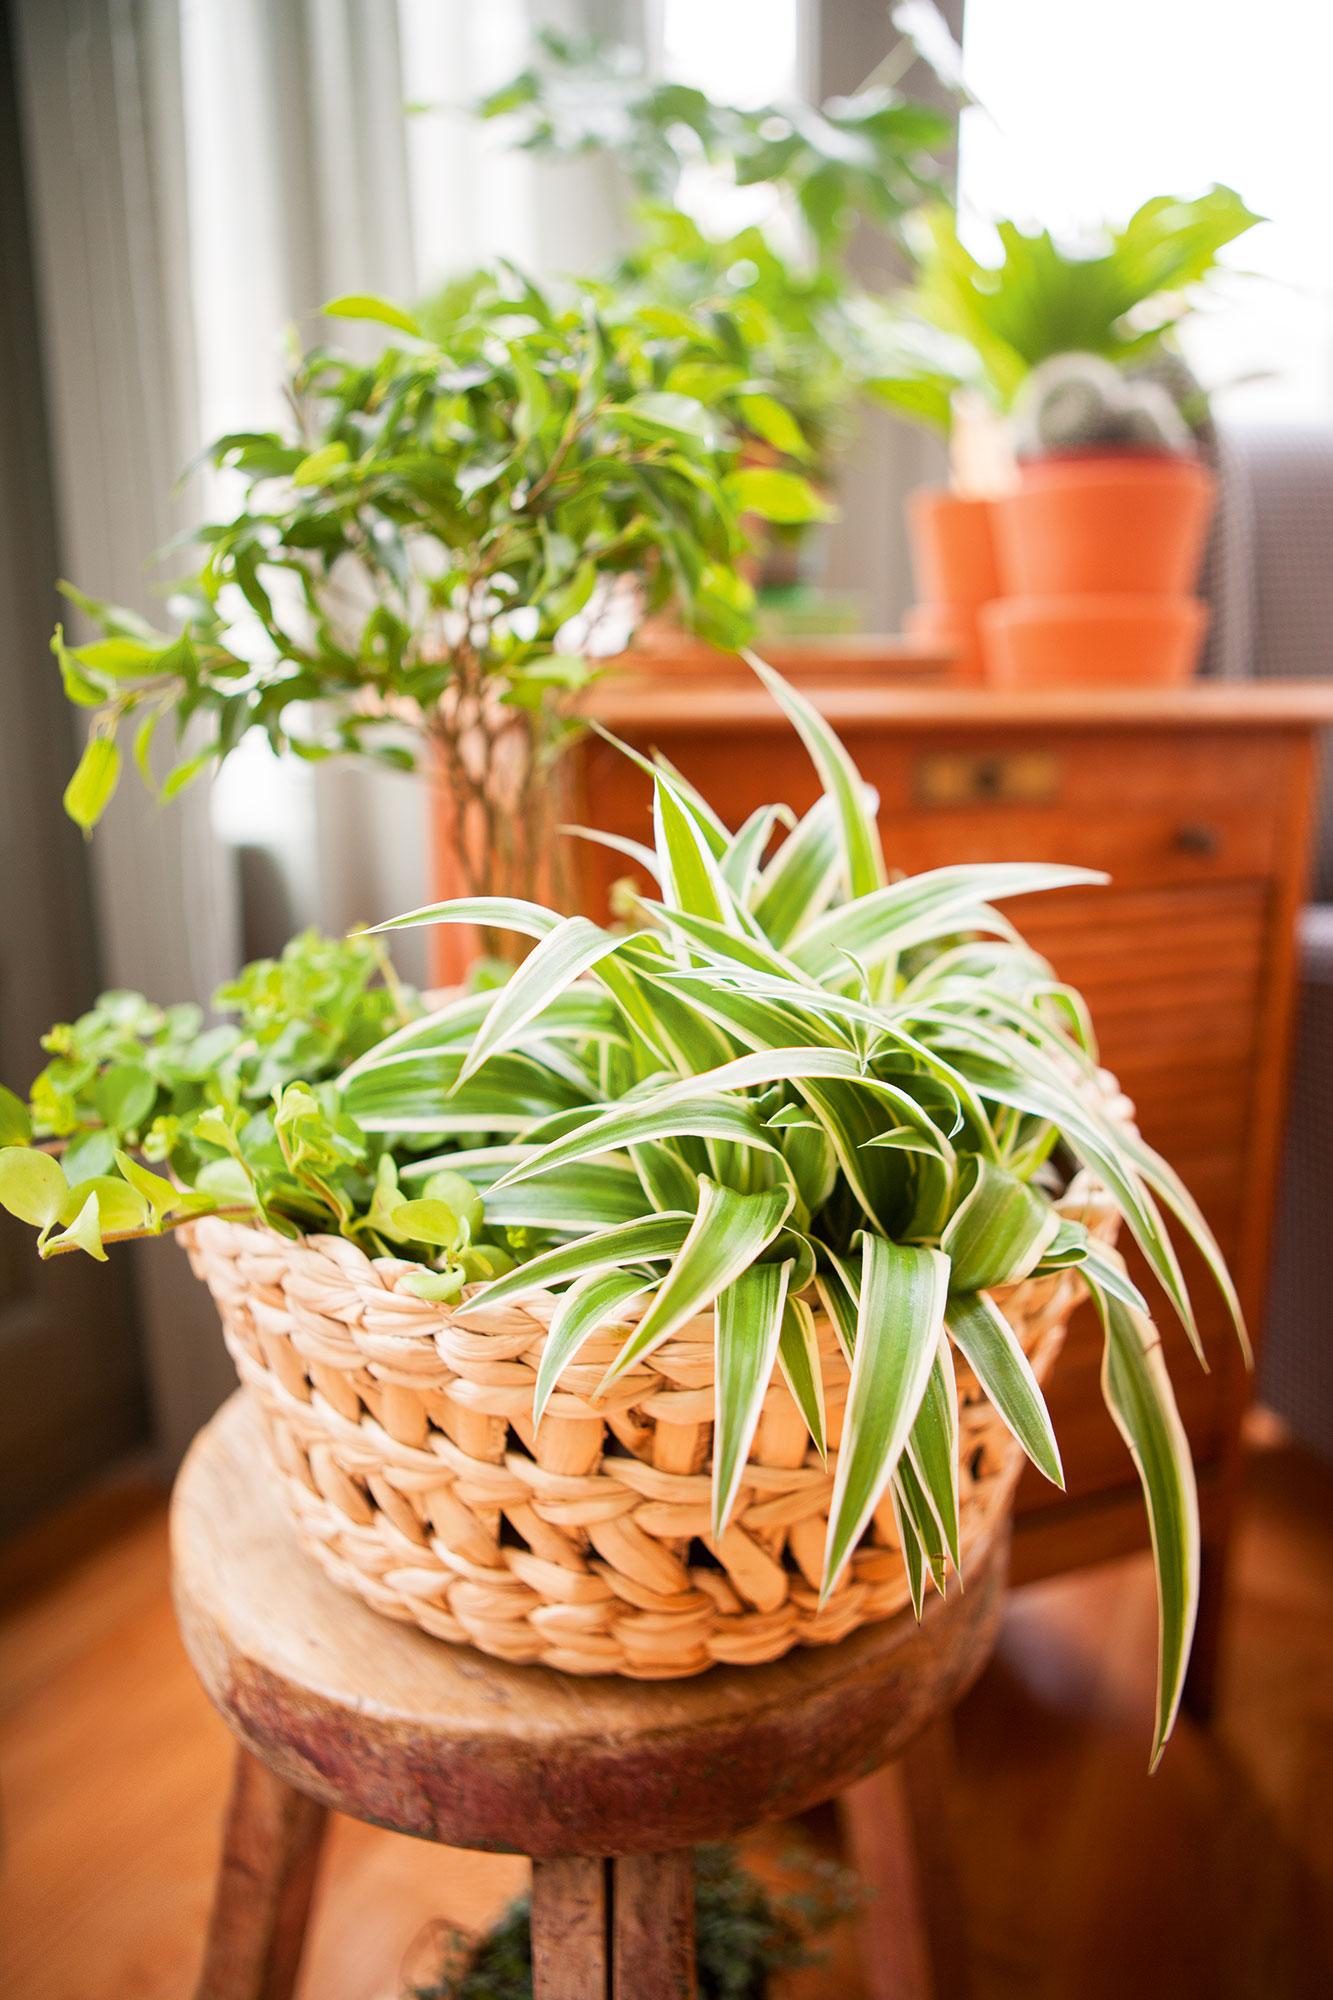 Planta cinta en agua excellent en cualquier caso es una - Cinta planta ...